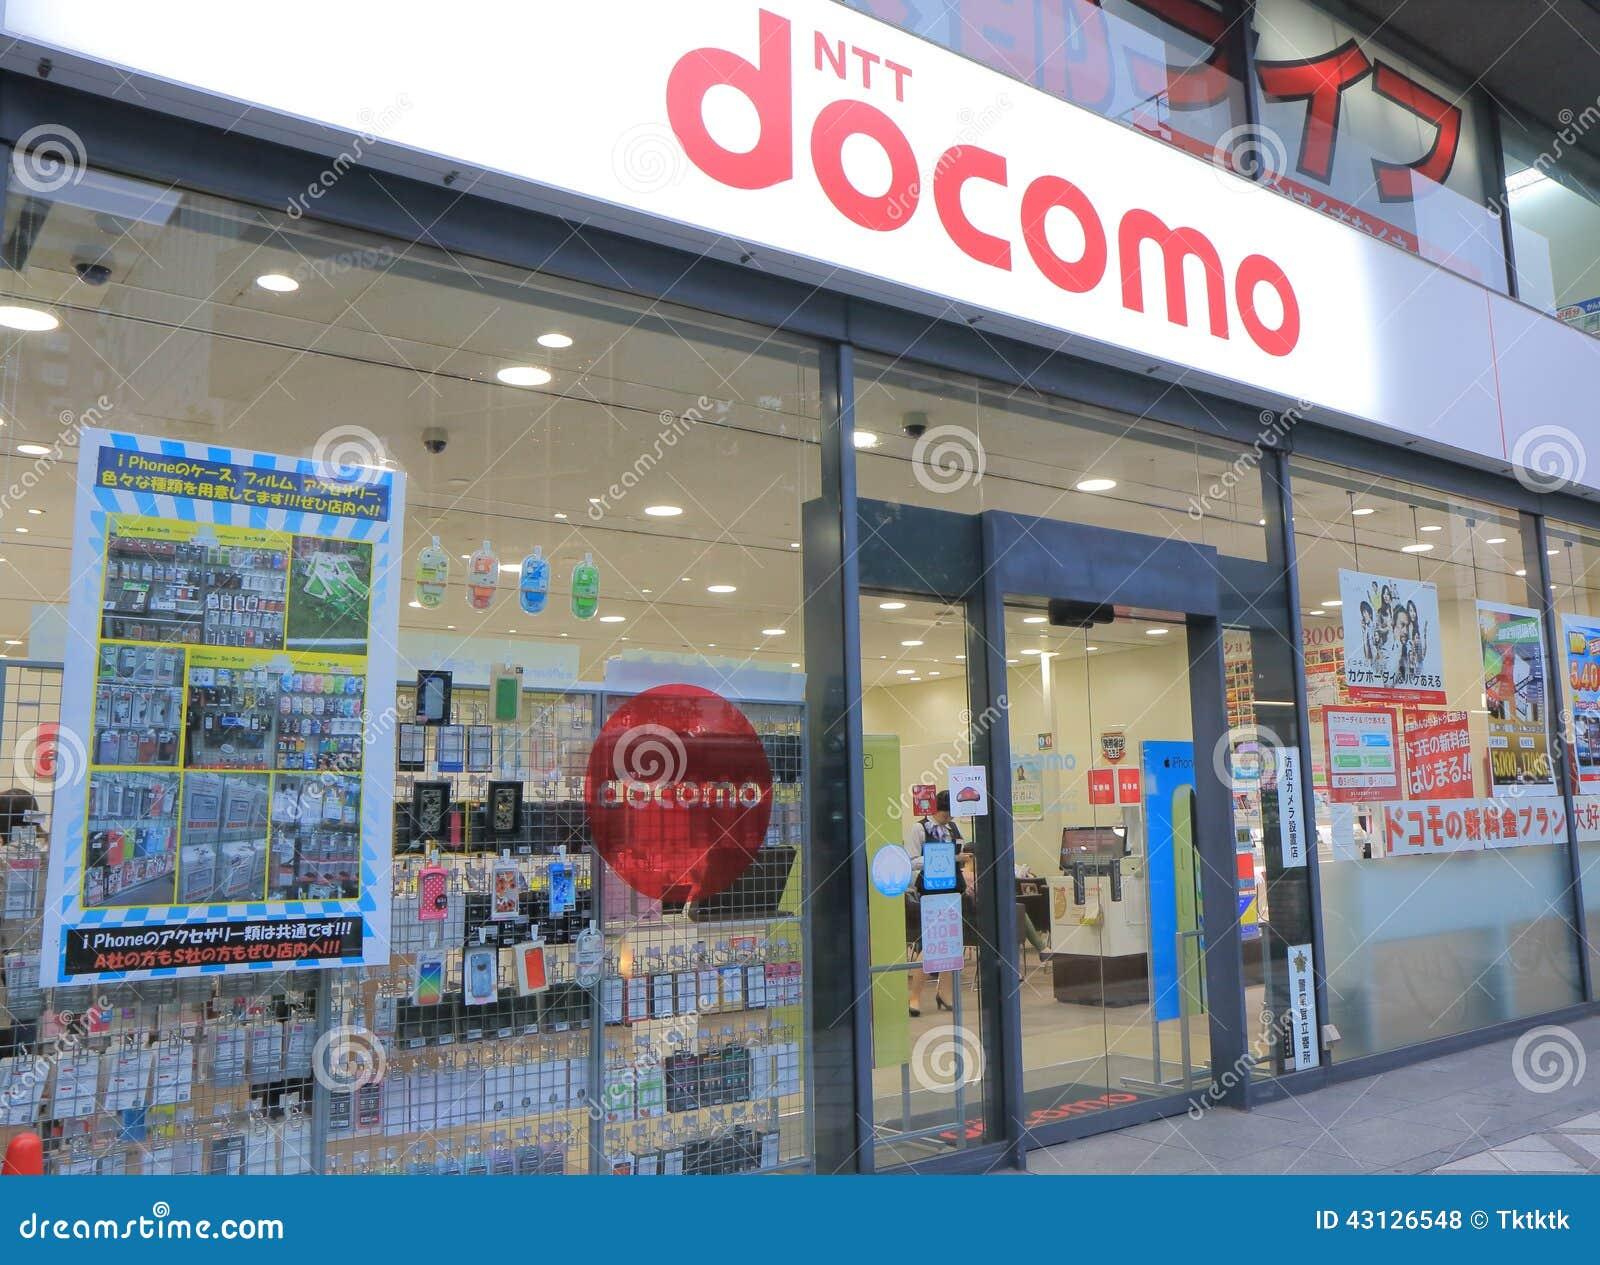 ntt docomo shop japan editorial stock photo image 43126548 docomo logo png docomo logo vector